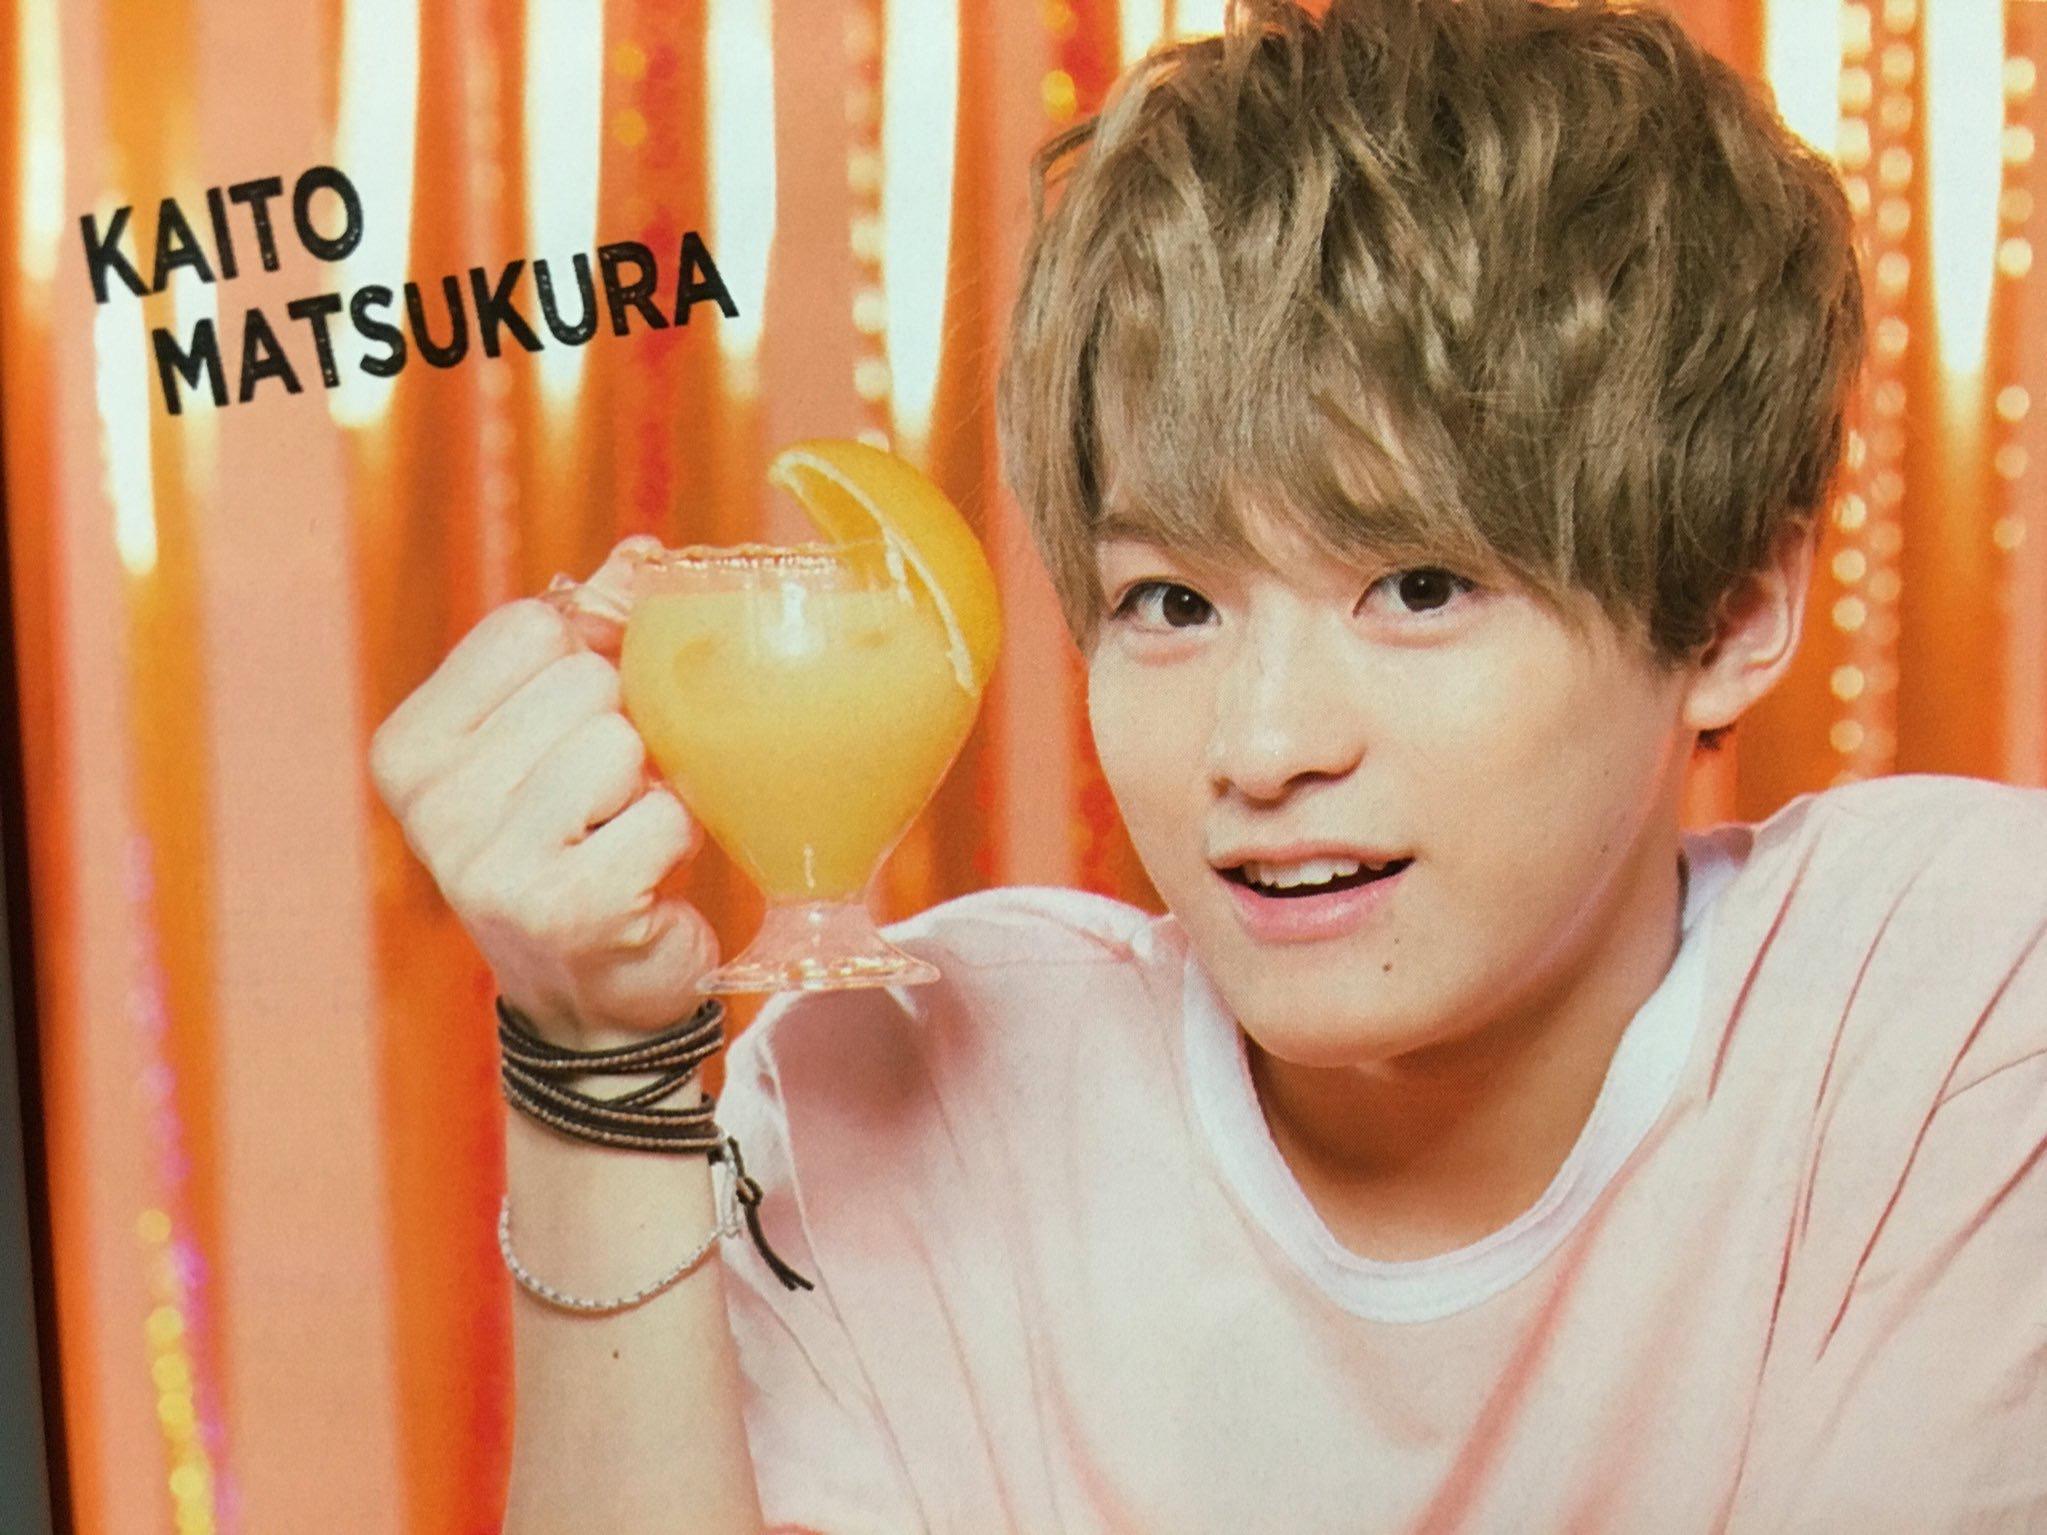 オレンジな松倉海斗さん画像